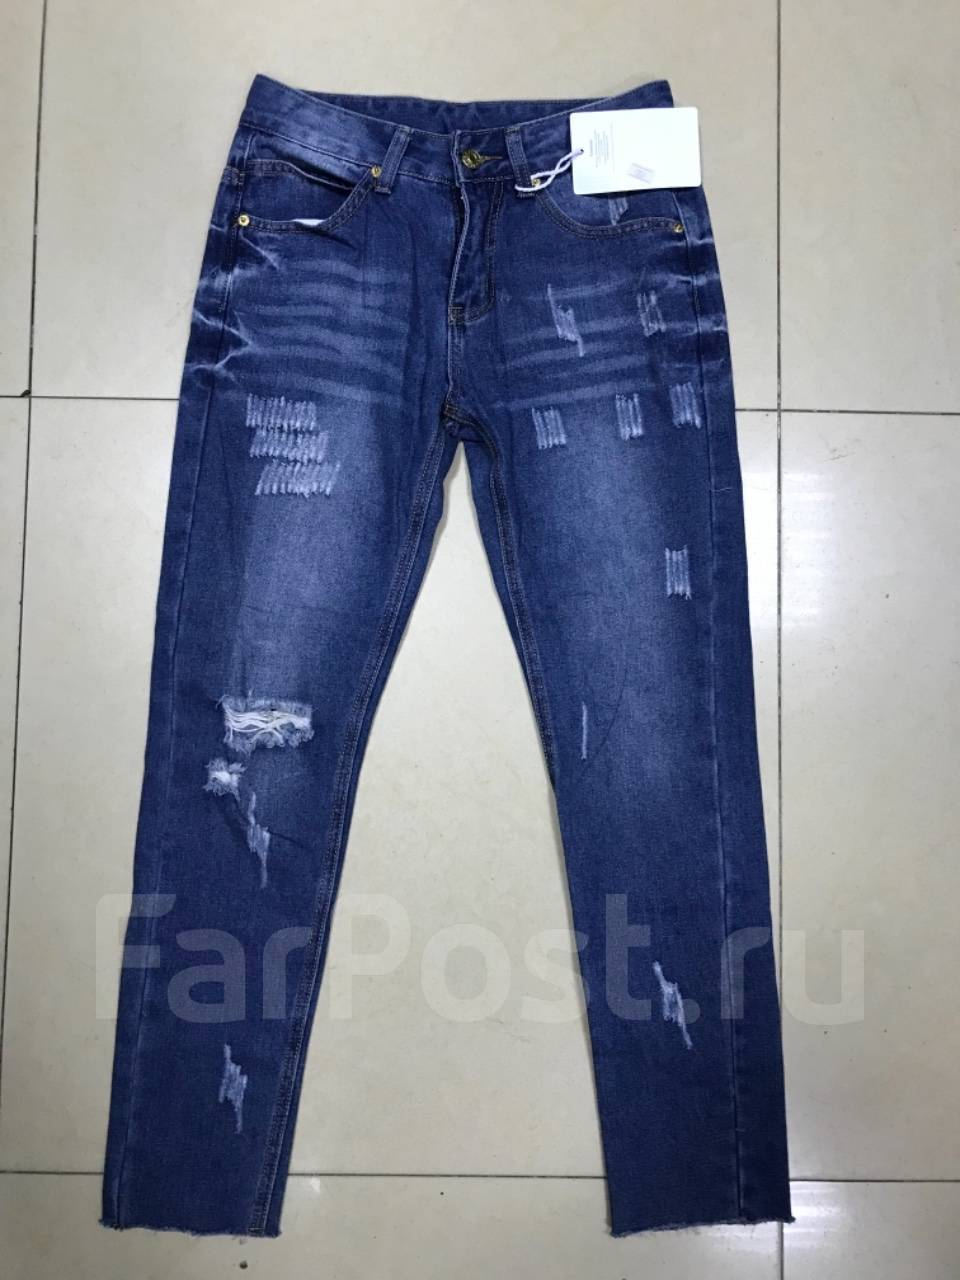 a713a7b7624 Купить женские джинсы Размер  42 размера во Владивостоке! Цены. Сезон -  Лето.